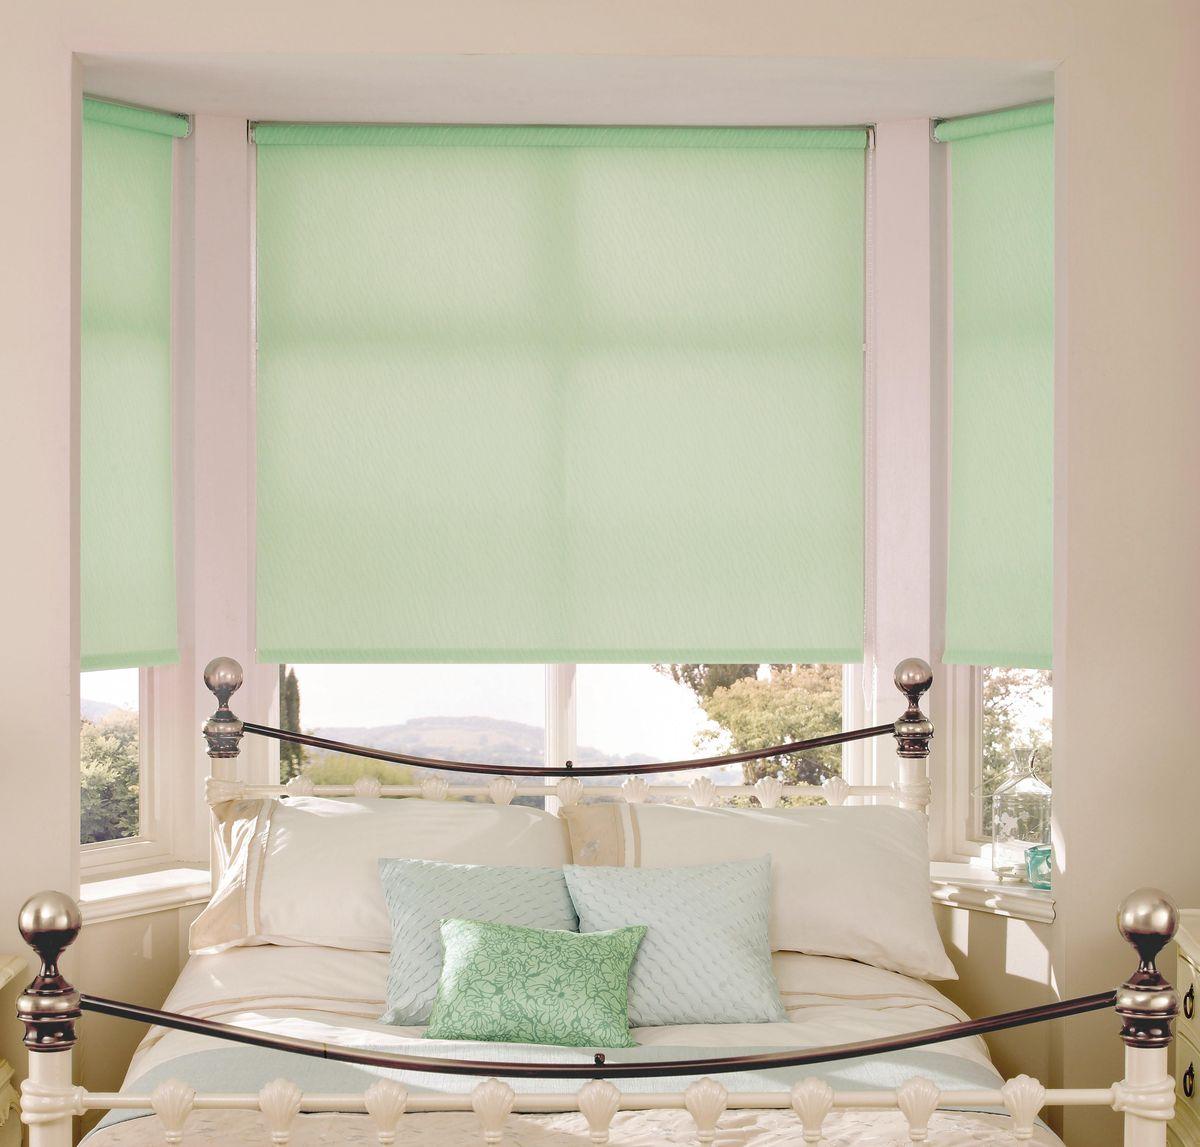 Штора рулонная Эскар, цвет: светло-зеленый, ширина 150 см, высота 170 смА00319Рулонными шторами можно оформлять окна как самостоятельно, так и использовать в комбинации с портьерами. Это поможет предотвратить выгорание дорогой ткани на солнце и соединит функционал рулонных с красотой навесных.Преимущества применения рулонных штор для пластиковых окон:- имеют прекрасный внешний вид: многообразие и фактурность материала изделия отлично смотрятся в любом интерьере; - многофункциональны: есть возможность подобрать шторы способные эффективно защитить комнату от солнца, при этом о на не будет слишком темной. - Есть возможность осуществить быстрый монтаж. ВНИМАНИЕ! Размеры ширины изделия указаны по ширине ткани!Во время эксплуатации не рекомендуется полностью разматывать рулон, чтобы не оторвать ткань от намоточного вала.В случае загрязнения поверхности ткани, чистку шторы проводят одним из способов, в зависимости от типа загрязнения: легкое поверхностное загрязнение можно удалить при помощи канцелярского ластика; чистка от пыли производится сухим методом при помощи пылесоса с мягкой щеткой-насадкой; для удаления пятна используйте мягкую губку с пенообразующим неагрессивным моющим средством или пятновыводитель на натуральной основе (нельзя применять растворители).